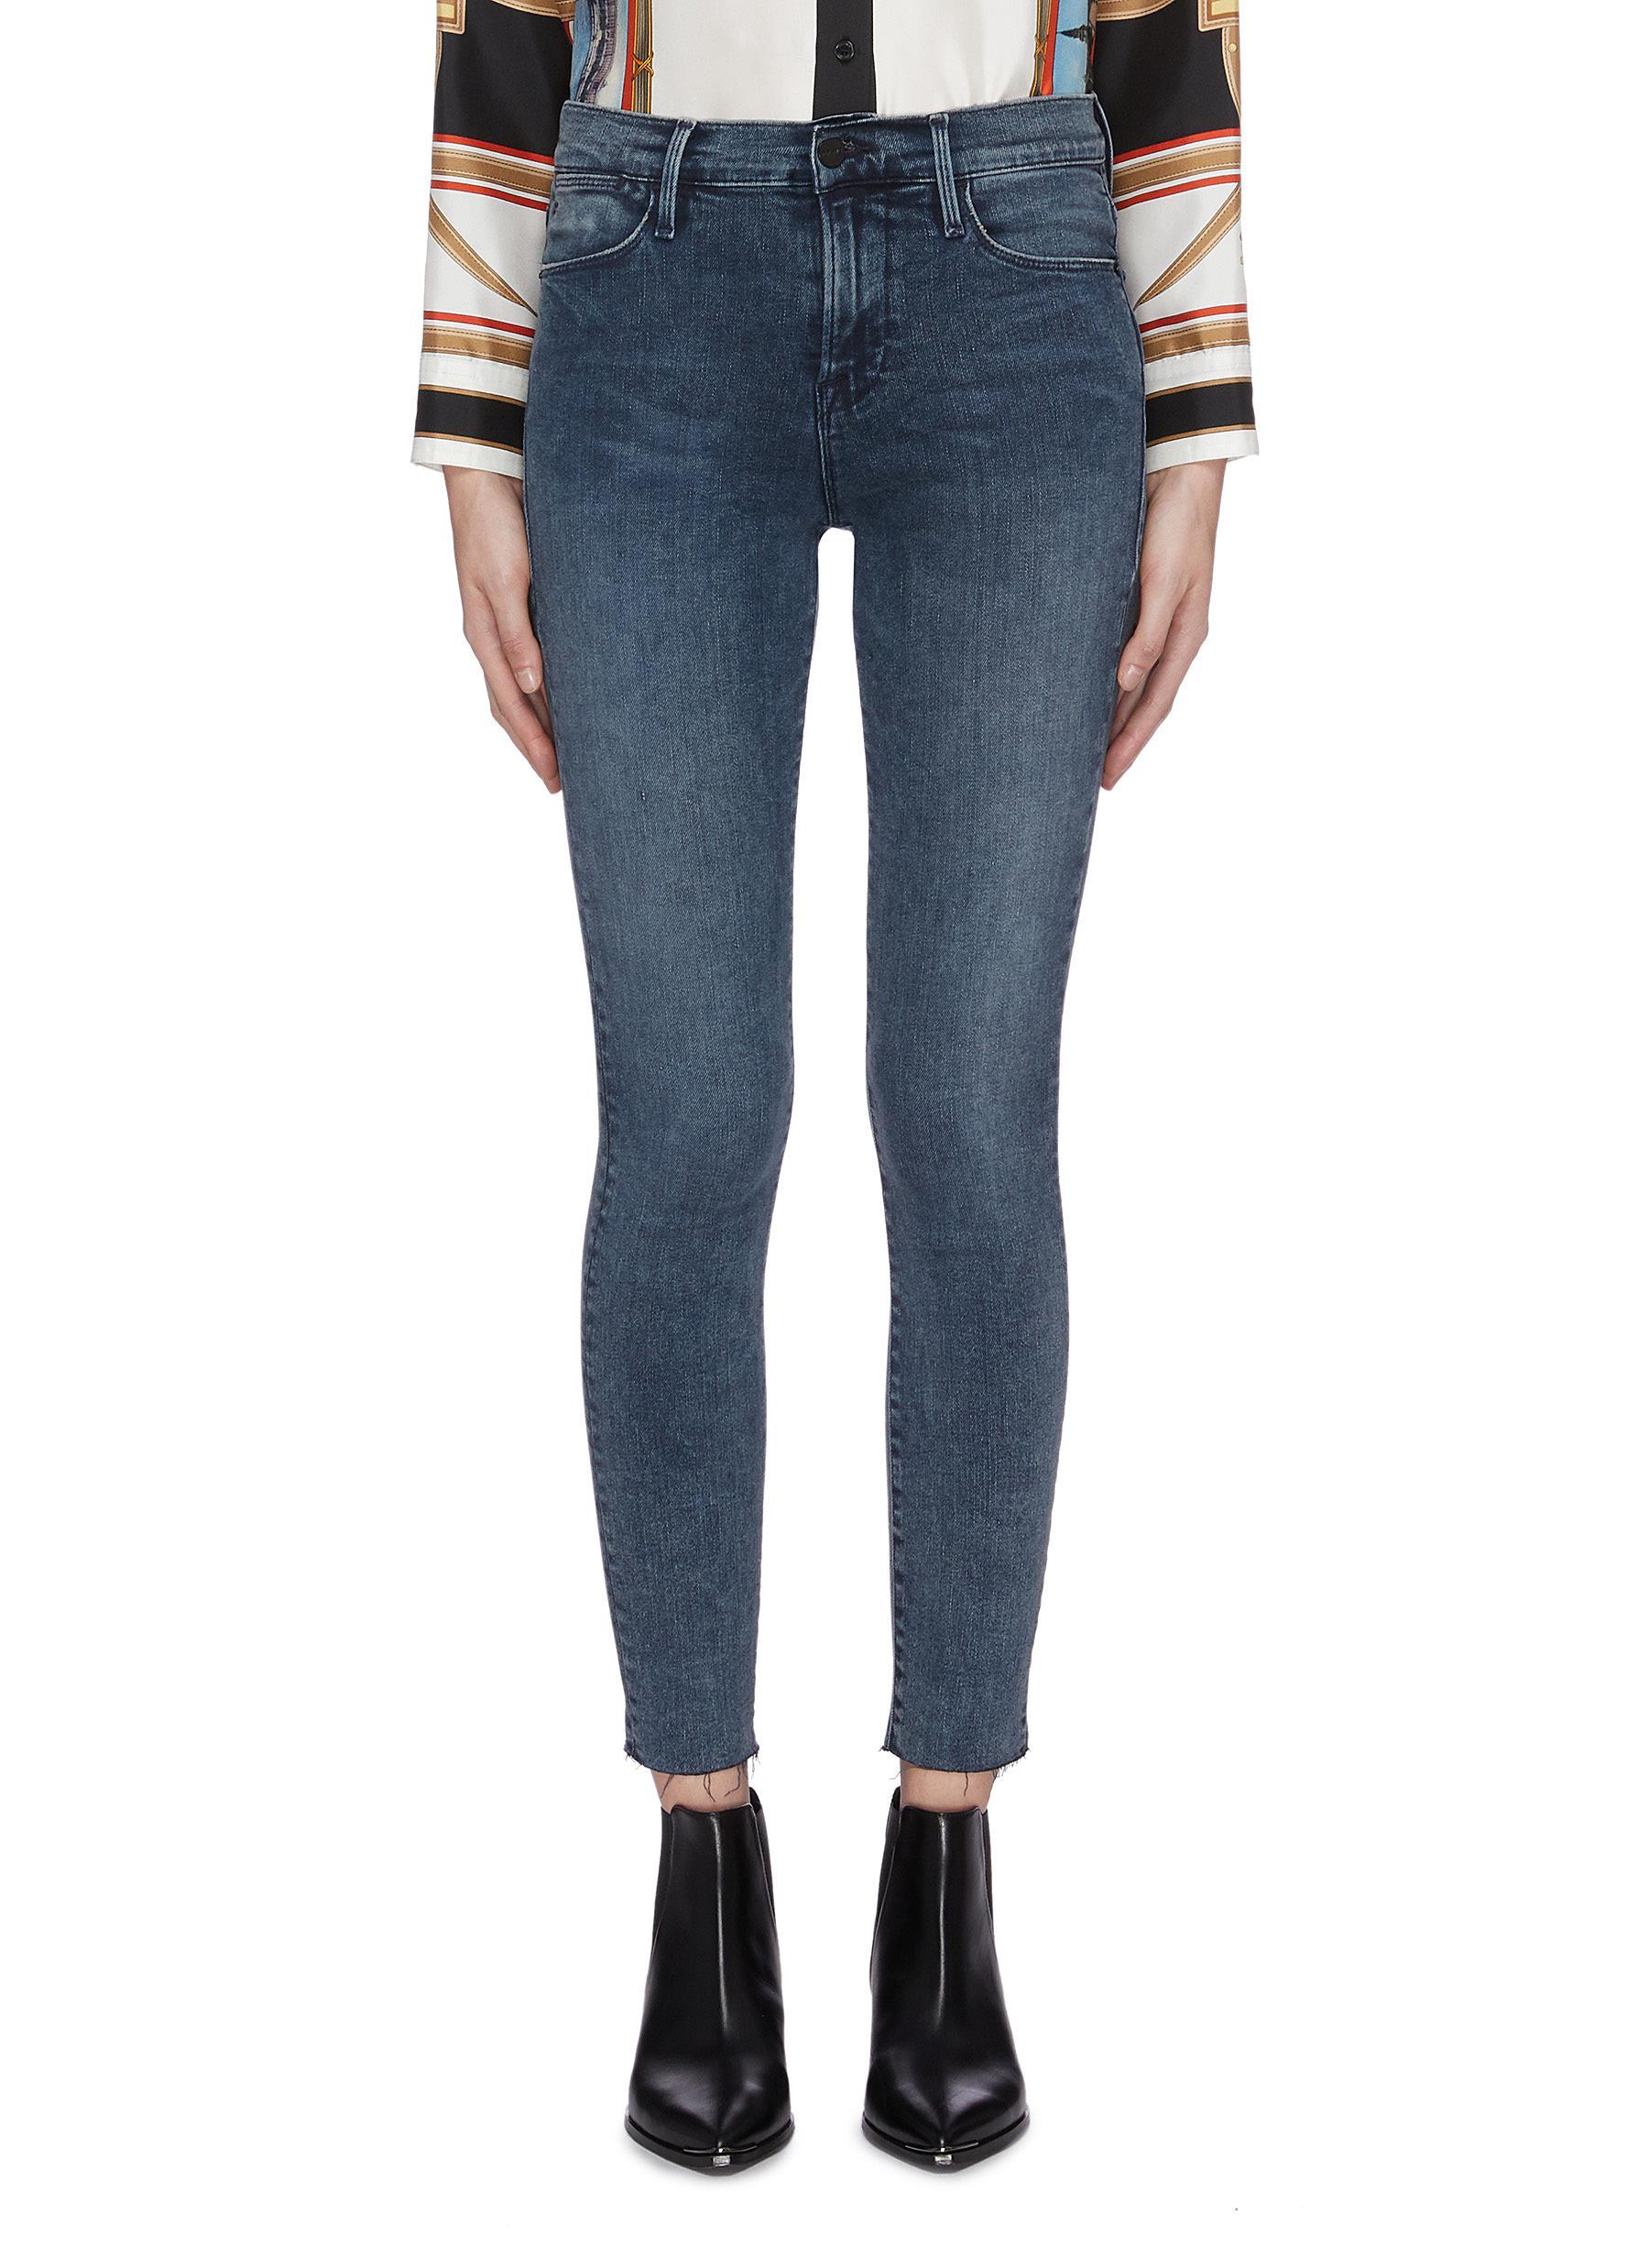 Le High Skinny raw cuff jeans by Frame Denim